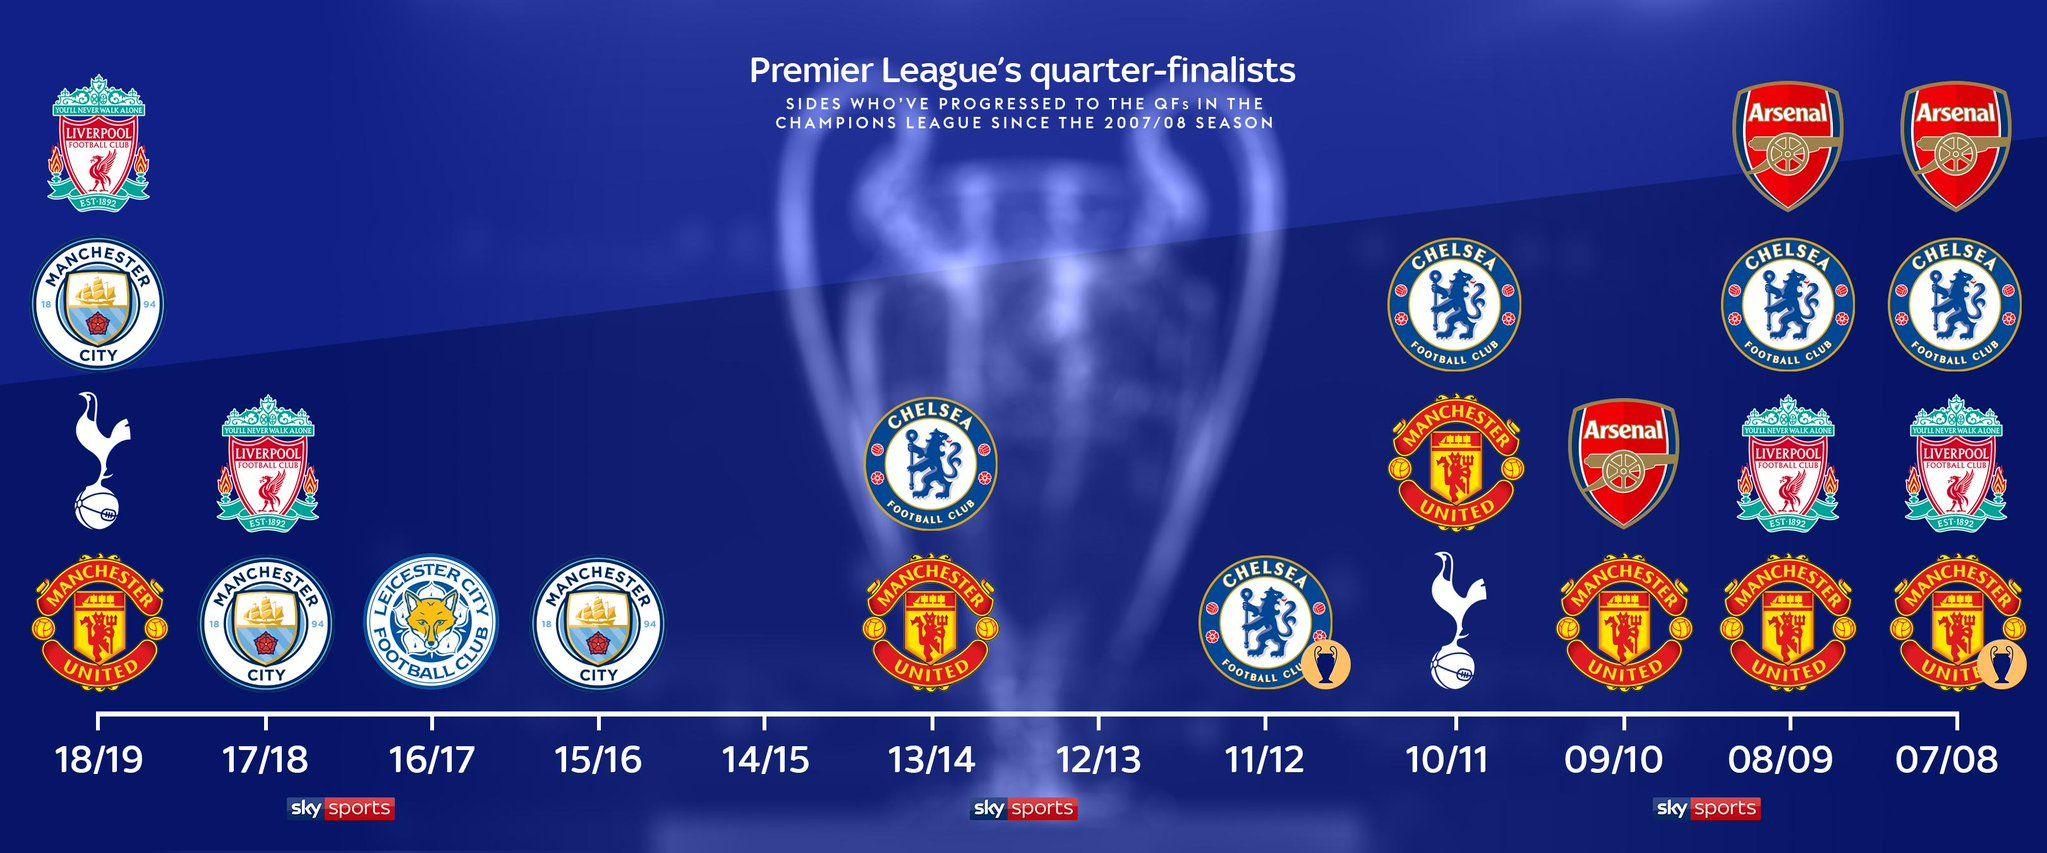 Sky Sports Premier League on Premier league, League